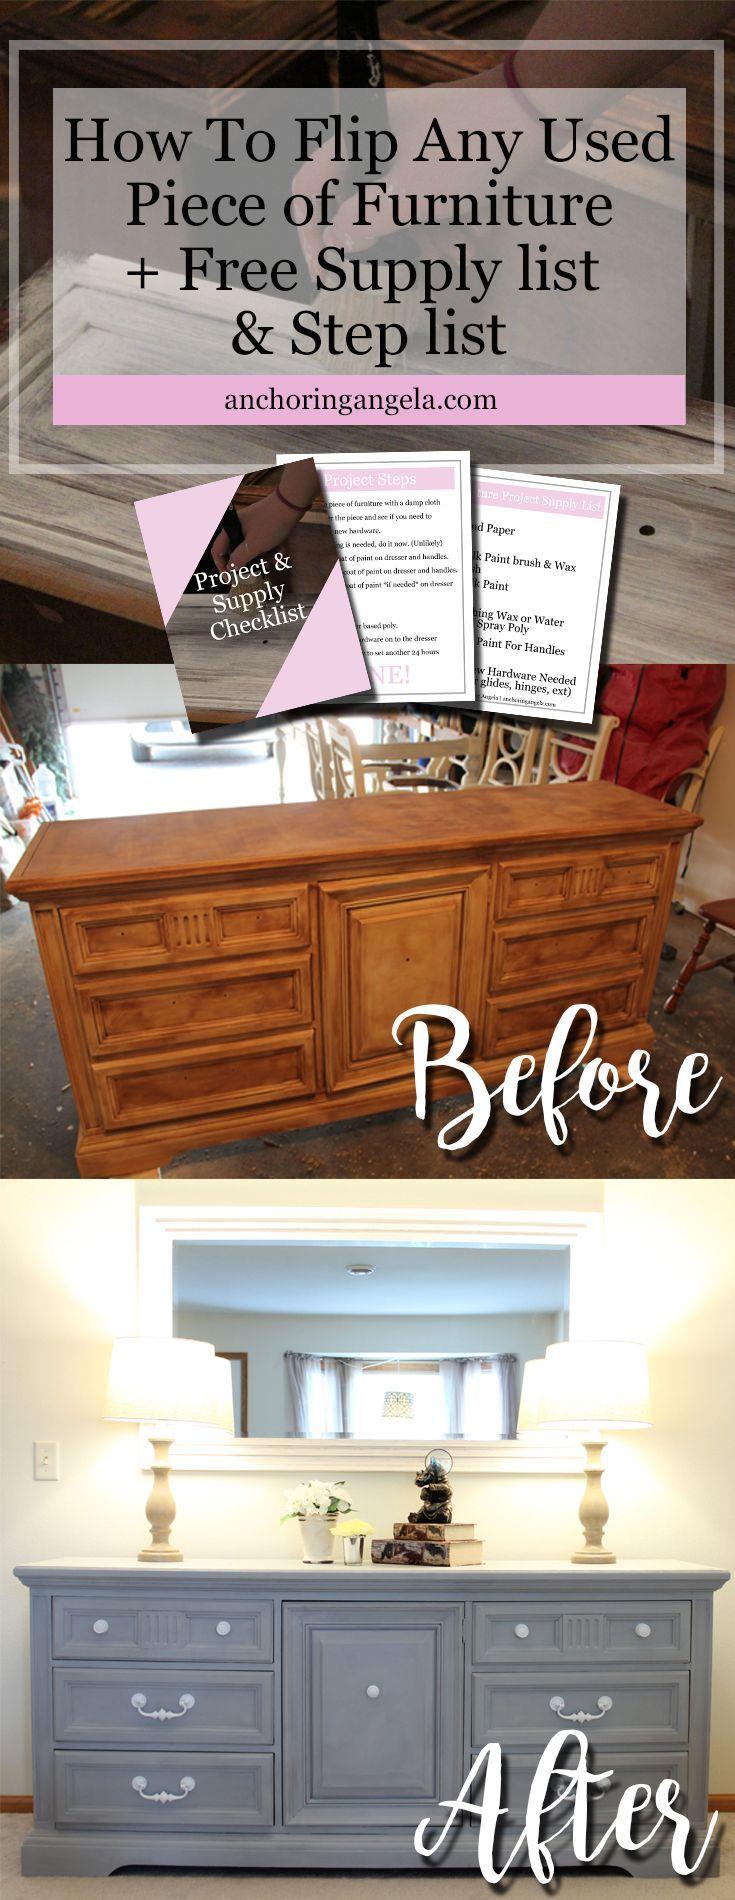 Dresser makeover   furniture flip   Furniture Makeover   chalk paint   DIY   Dresser   Home   Decor   Cheap Furniture